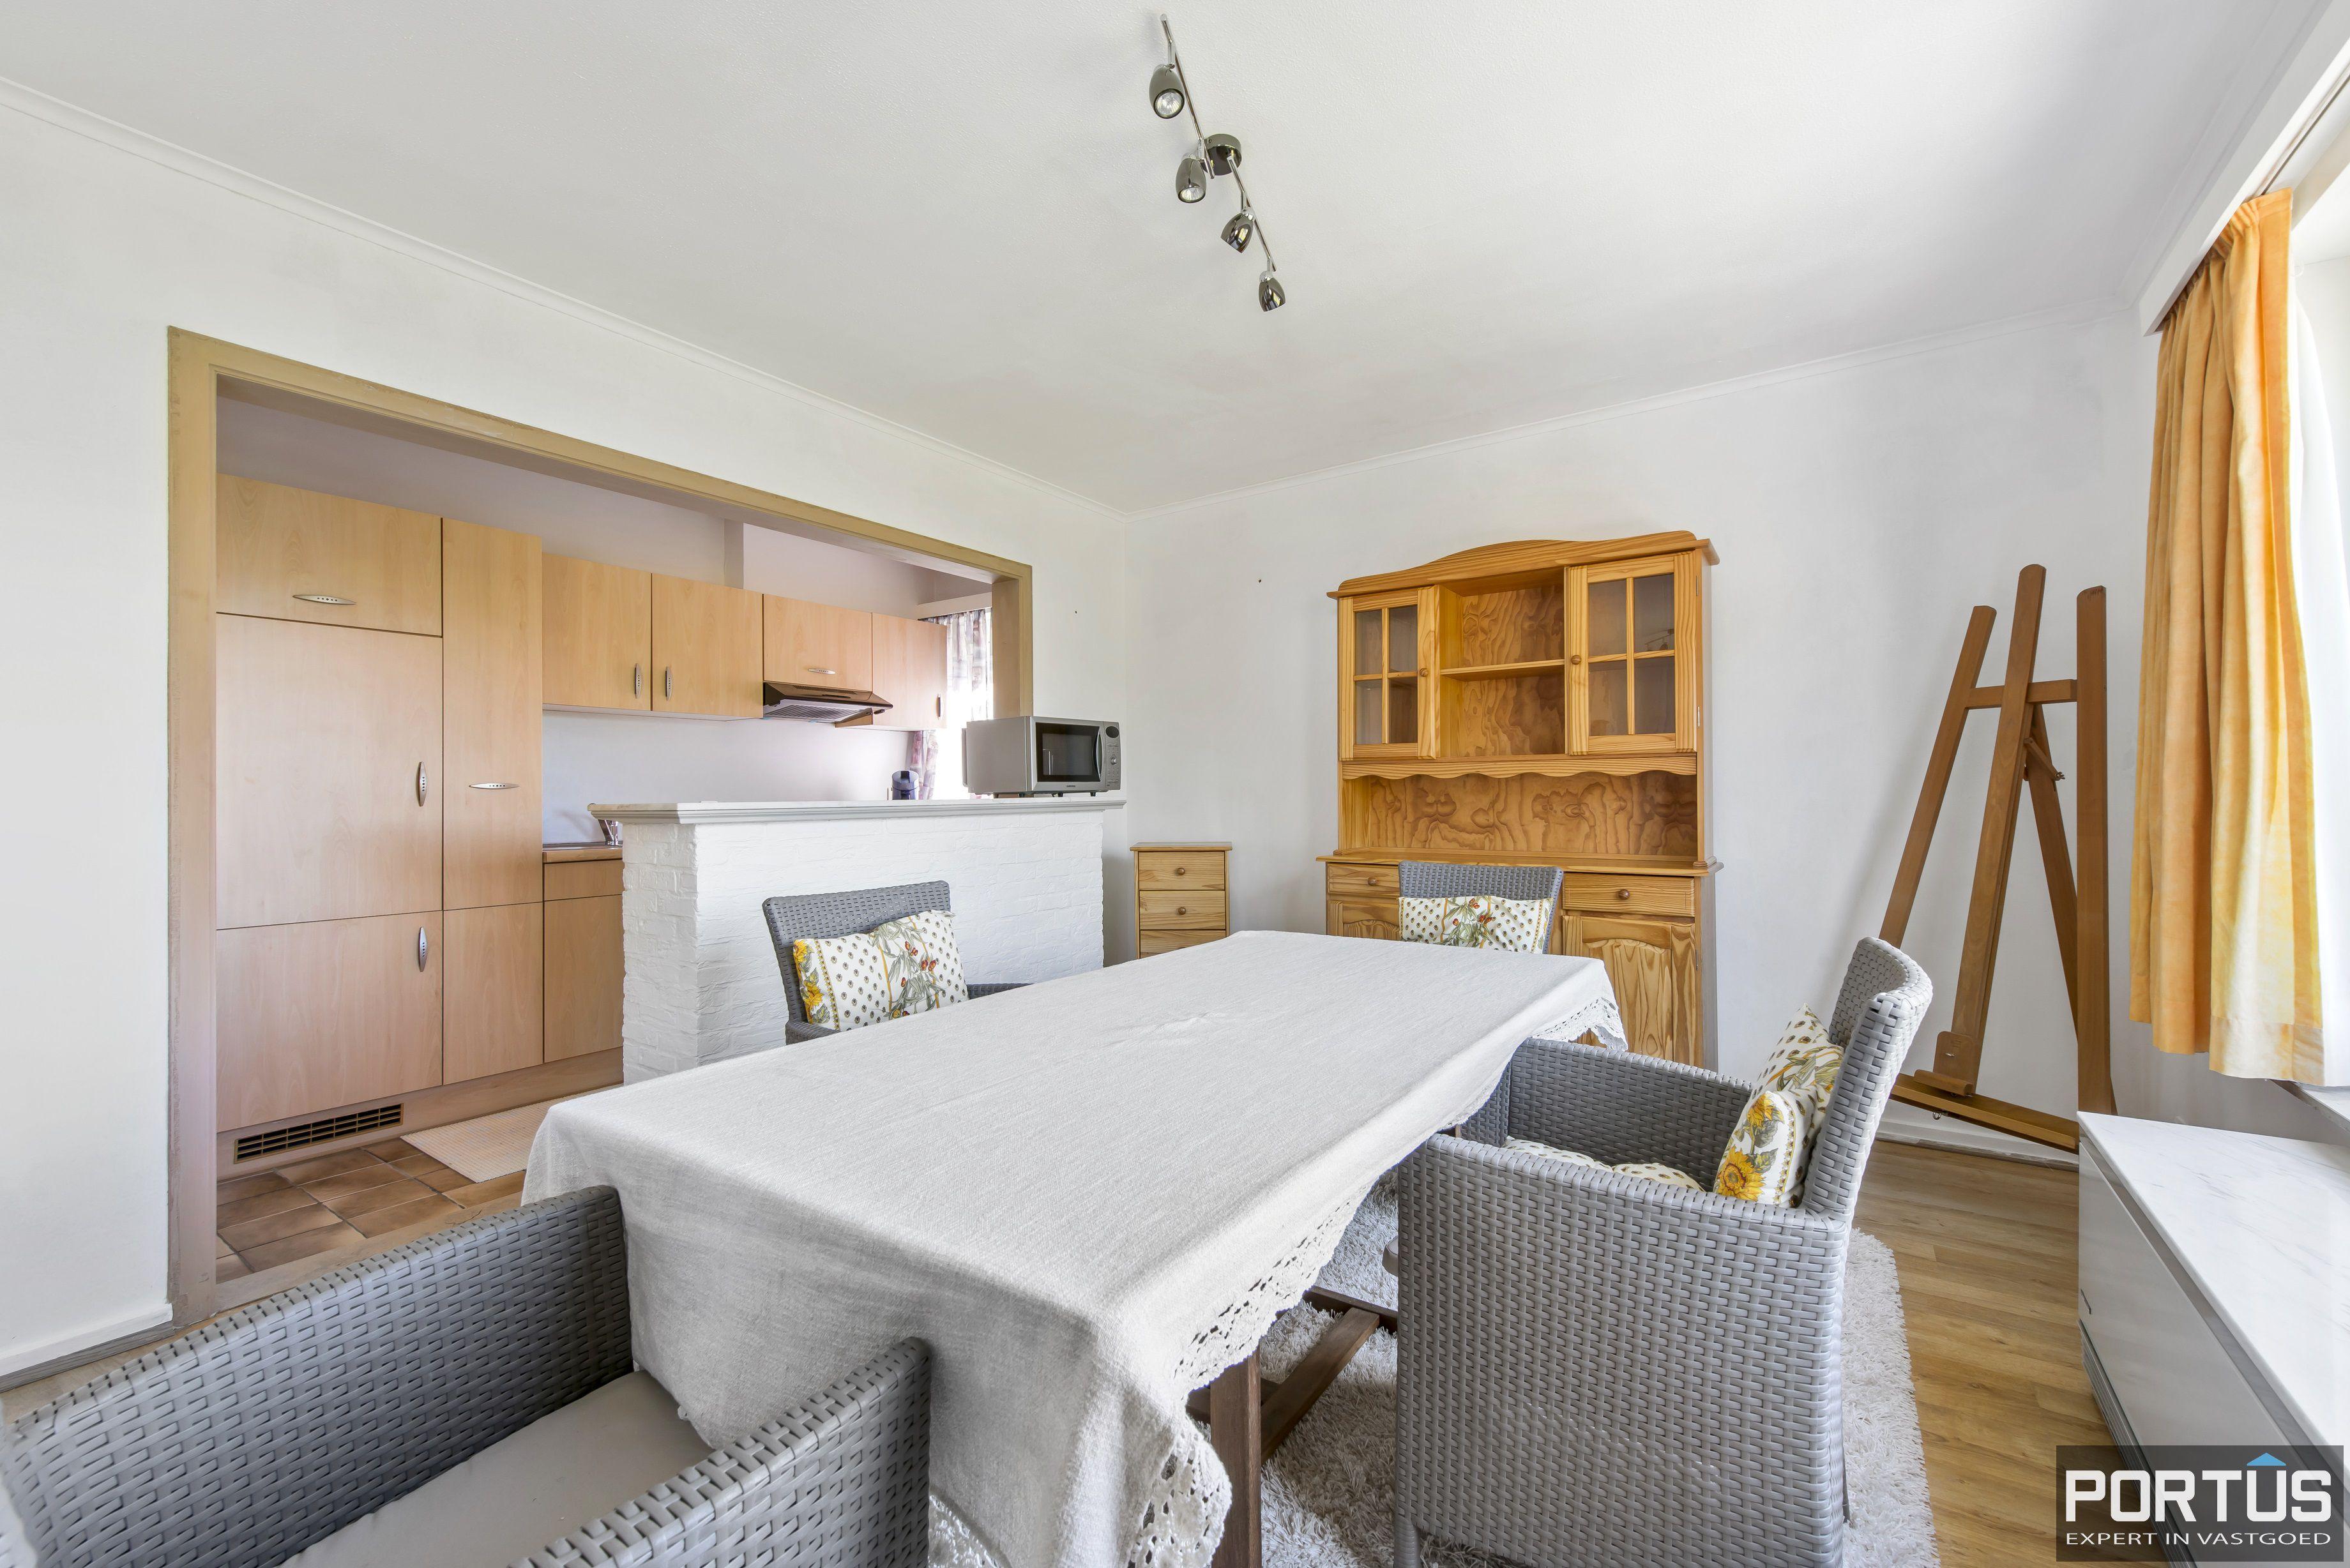 Appartement met 2 slaapkamers en parking te koop te Nieuwpoort - 9728